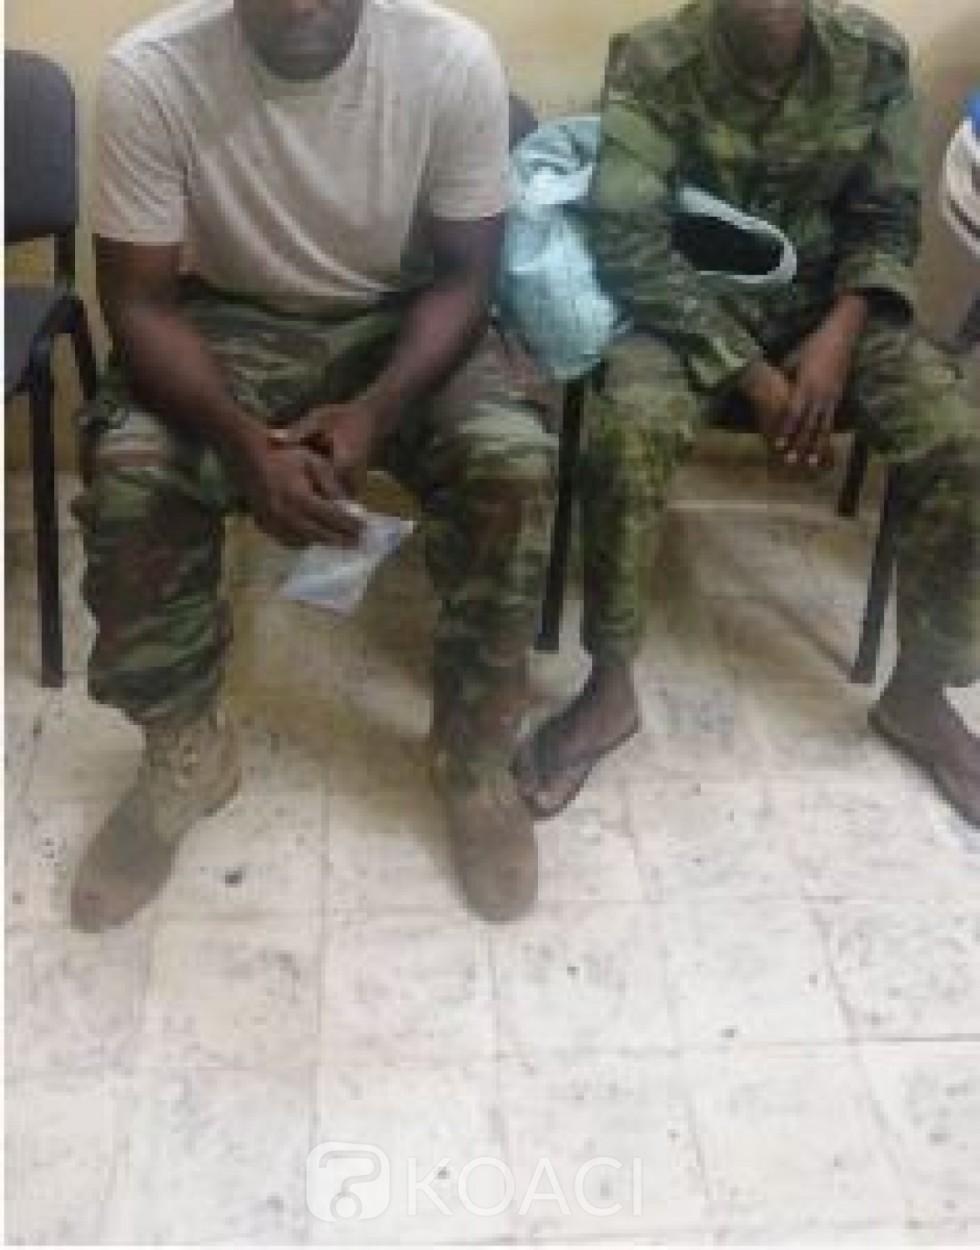 Côte d'Ivoire: Aboisso, deux faux militaires en possession d'une arme et de Médicaments de  Qualité  Inférieure  et  Falsifiés mis aux arrêts